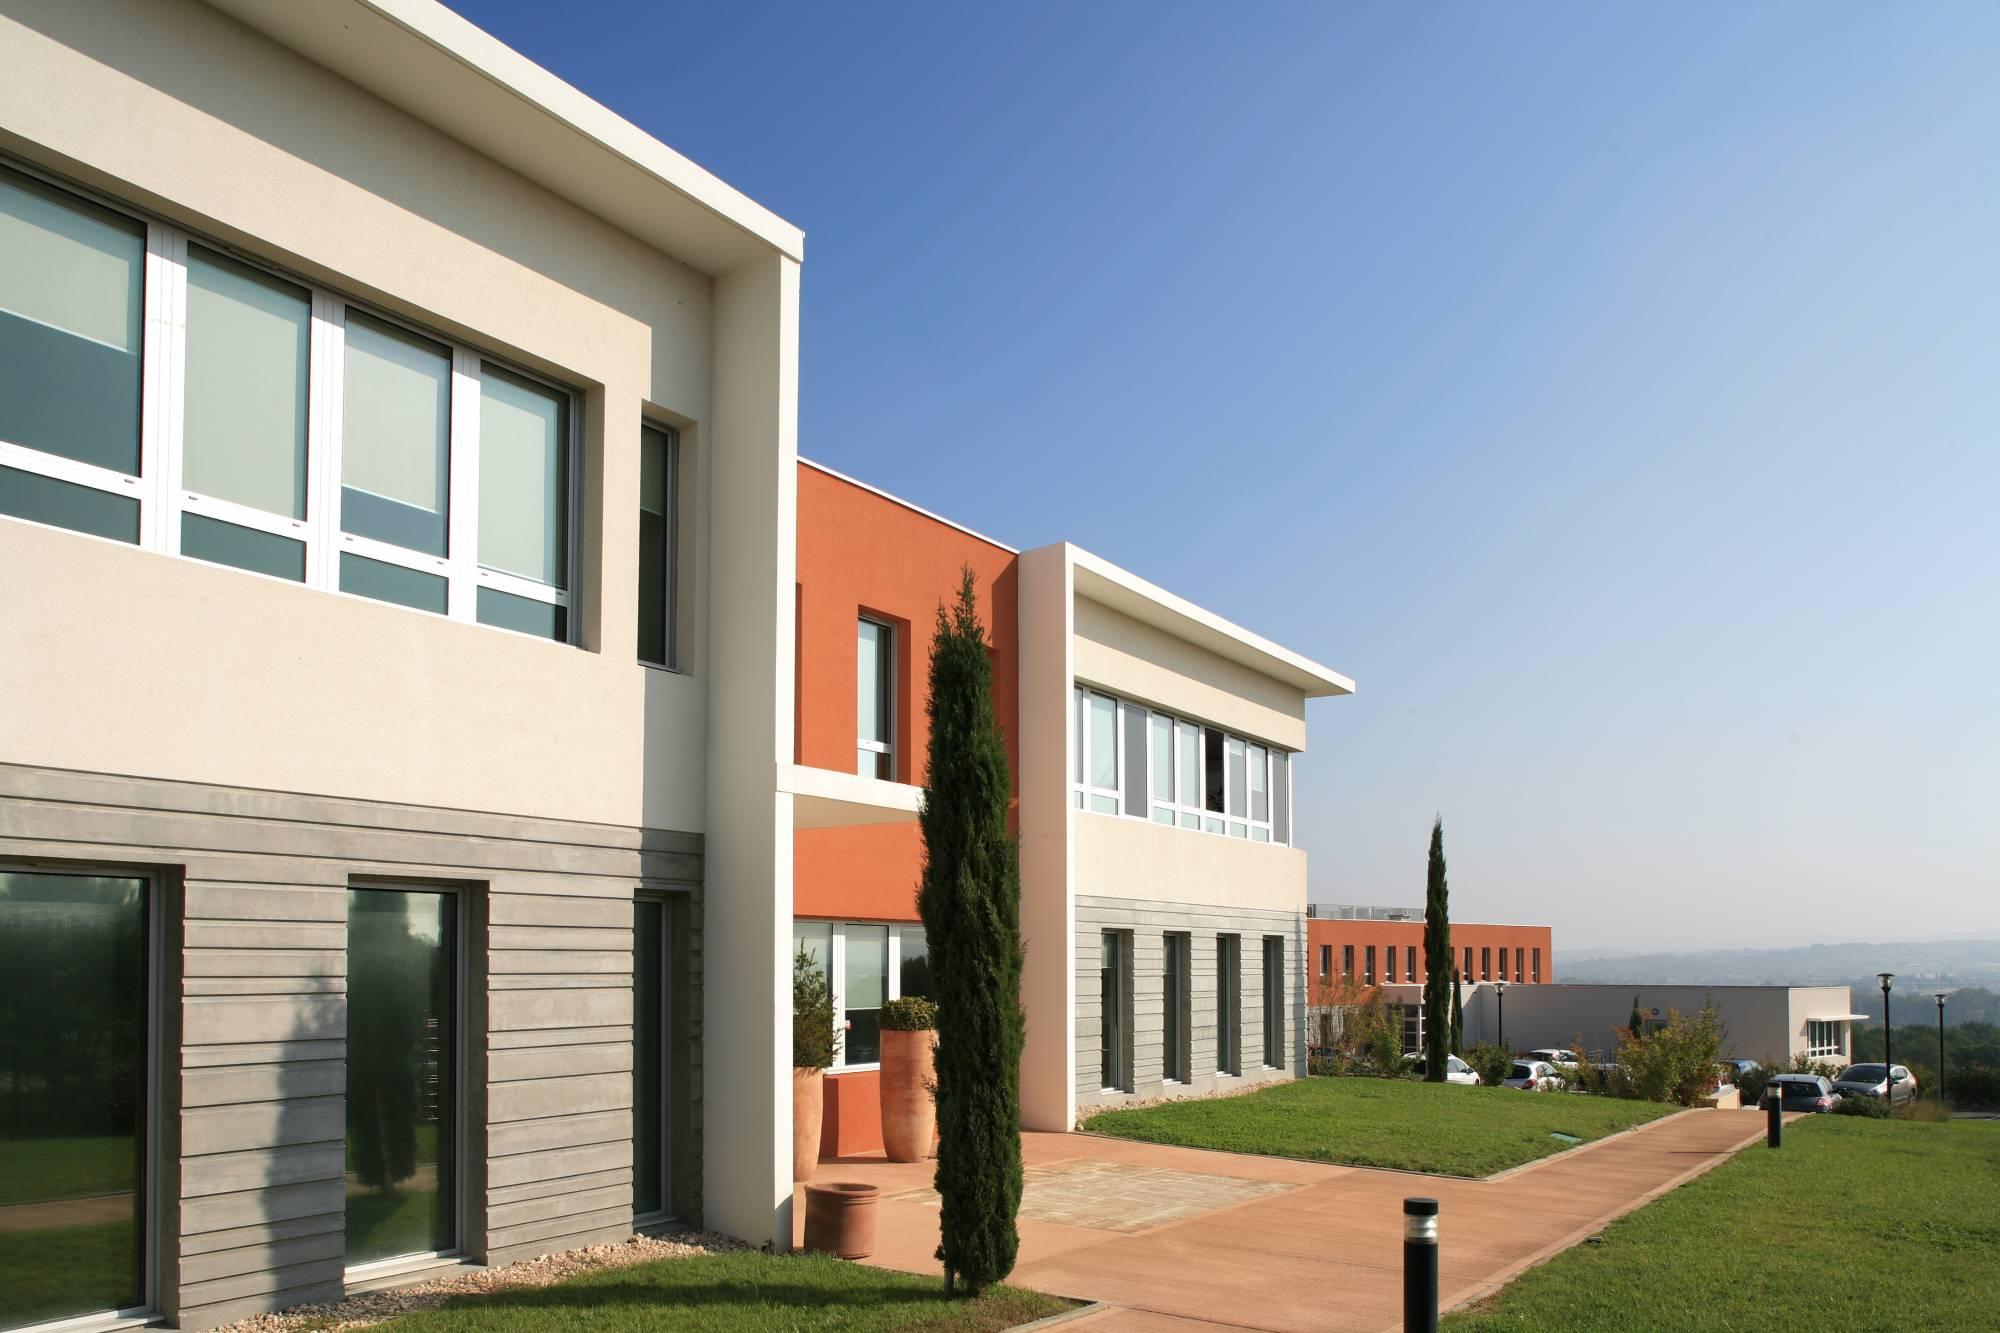 Promoteur immobilier aix en provence programmes neufs for Promoteur immobilier neuf